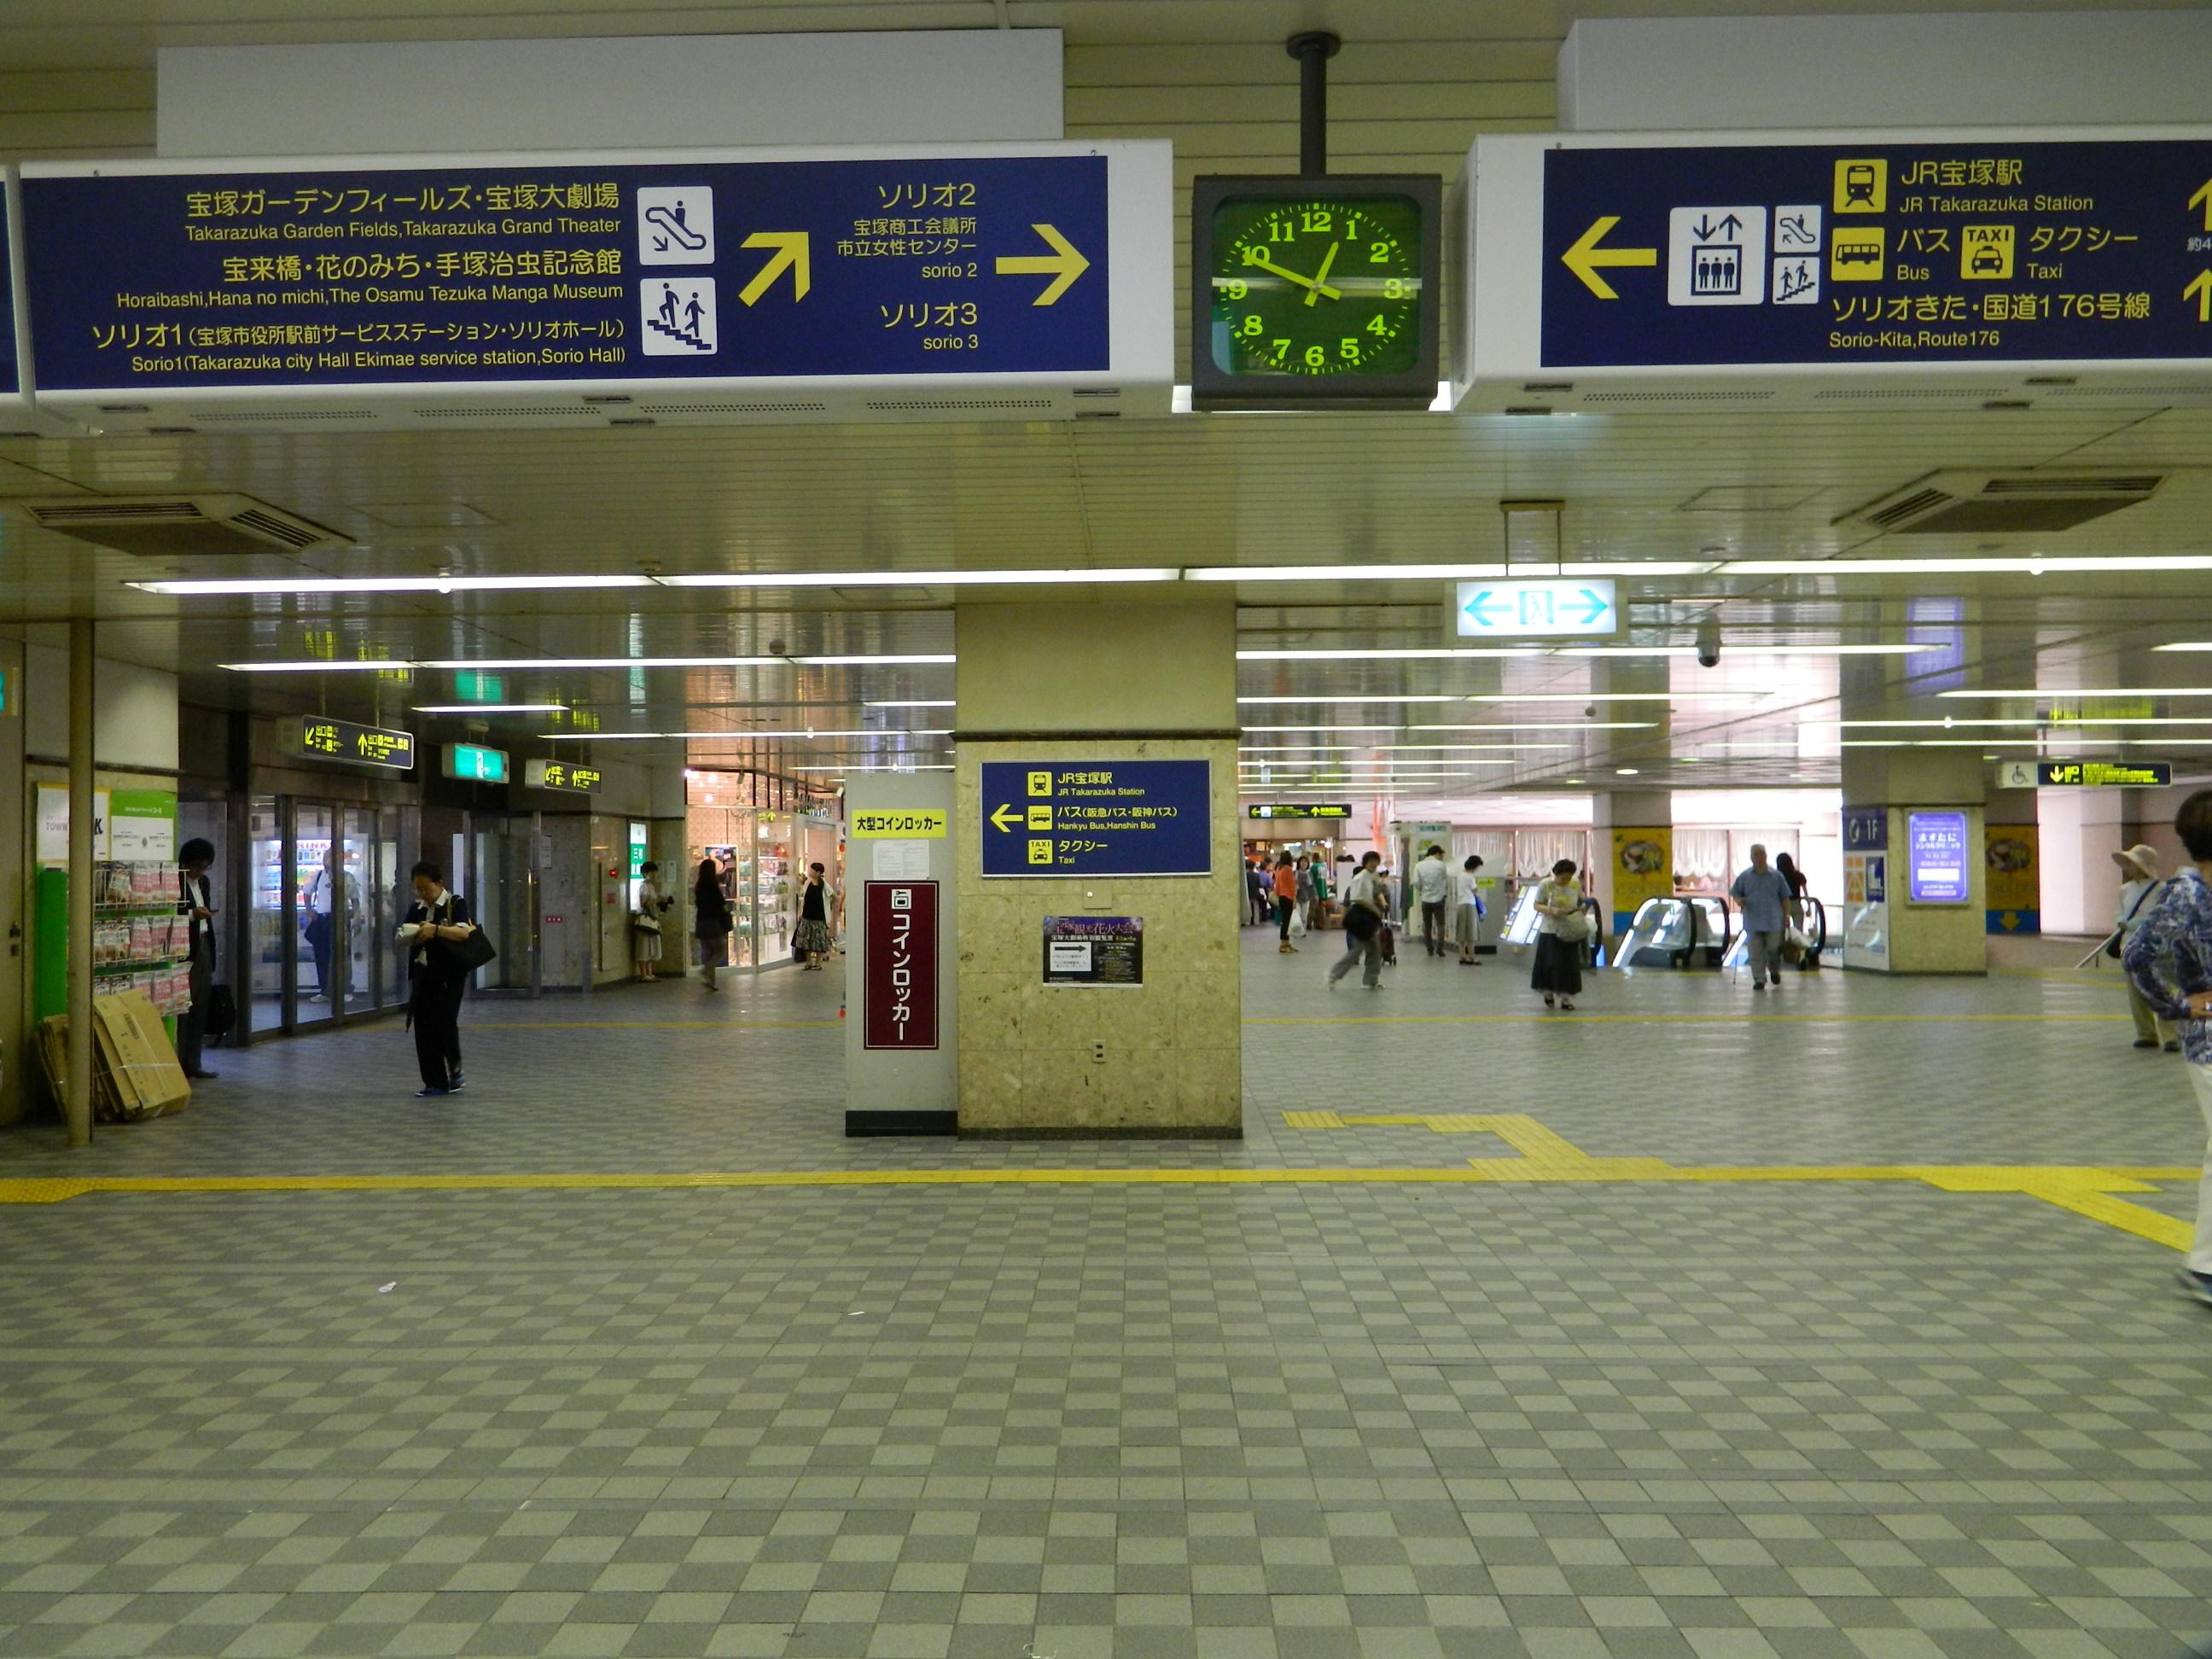 宝塚改札口